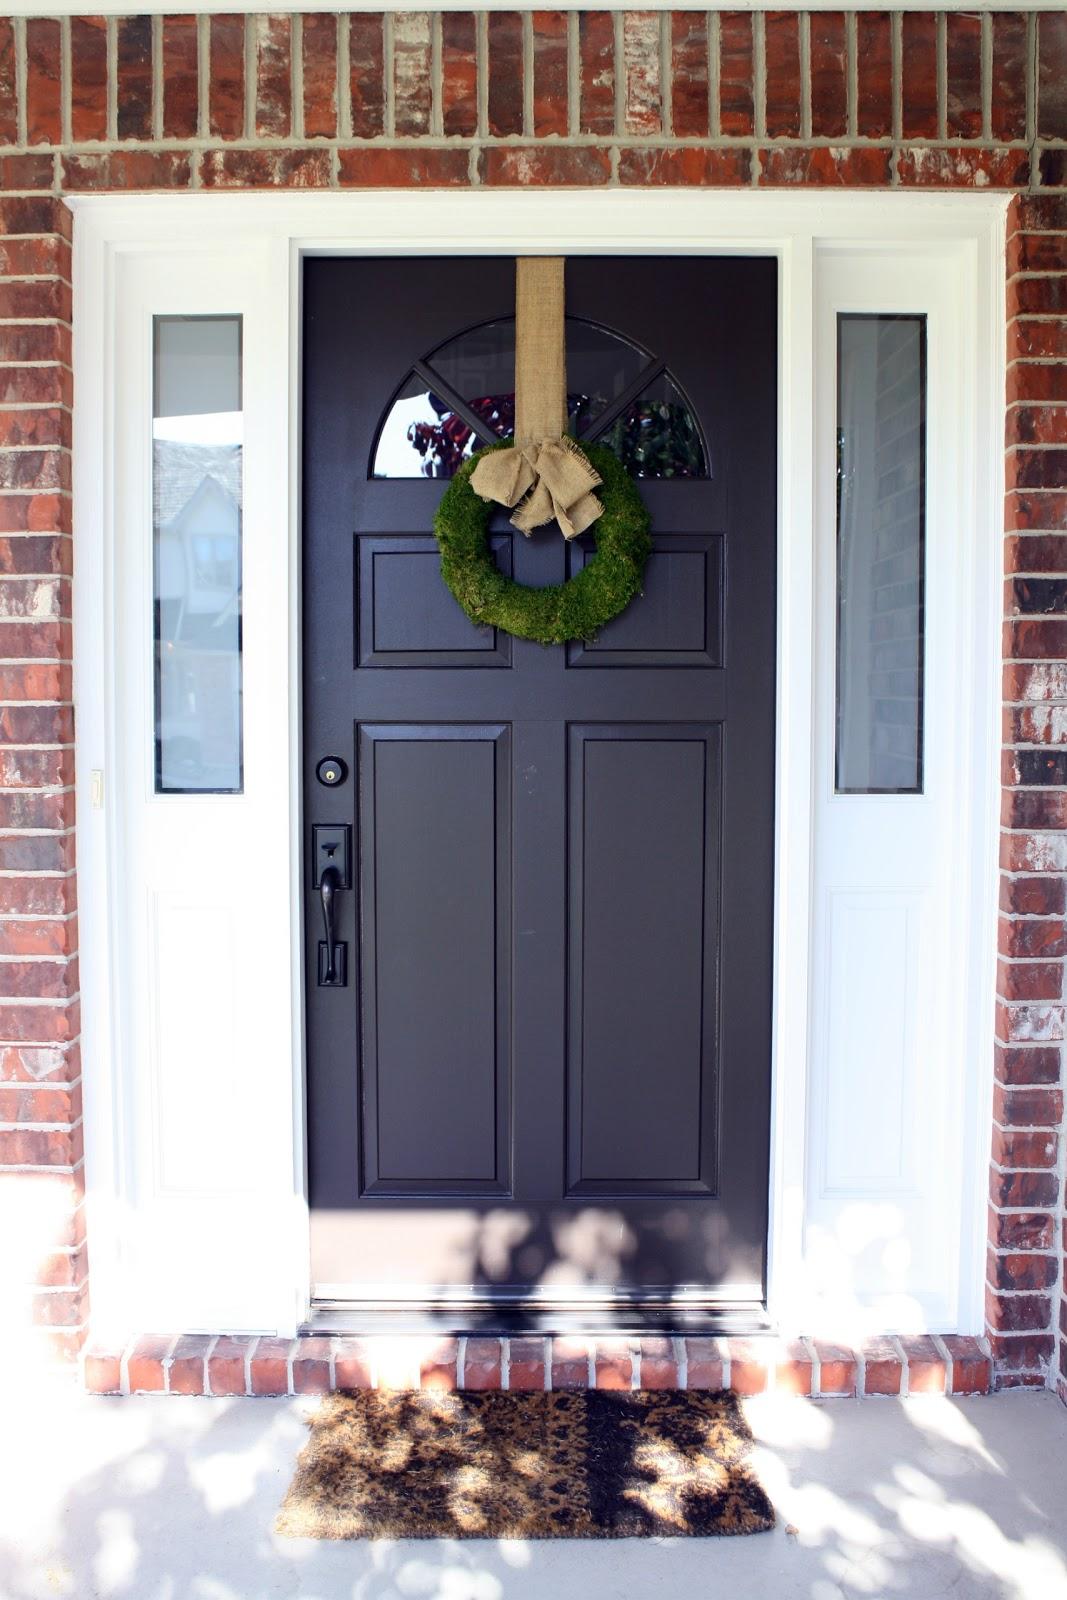 Pictures of front doors with storm doors -  Storm Doors Tutorial Friday November 11 2011